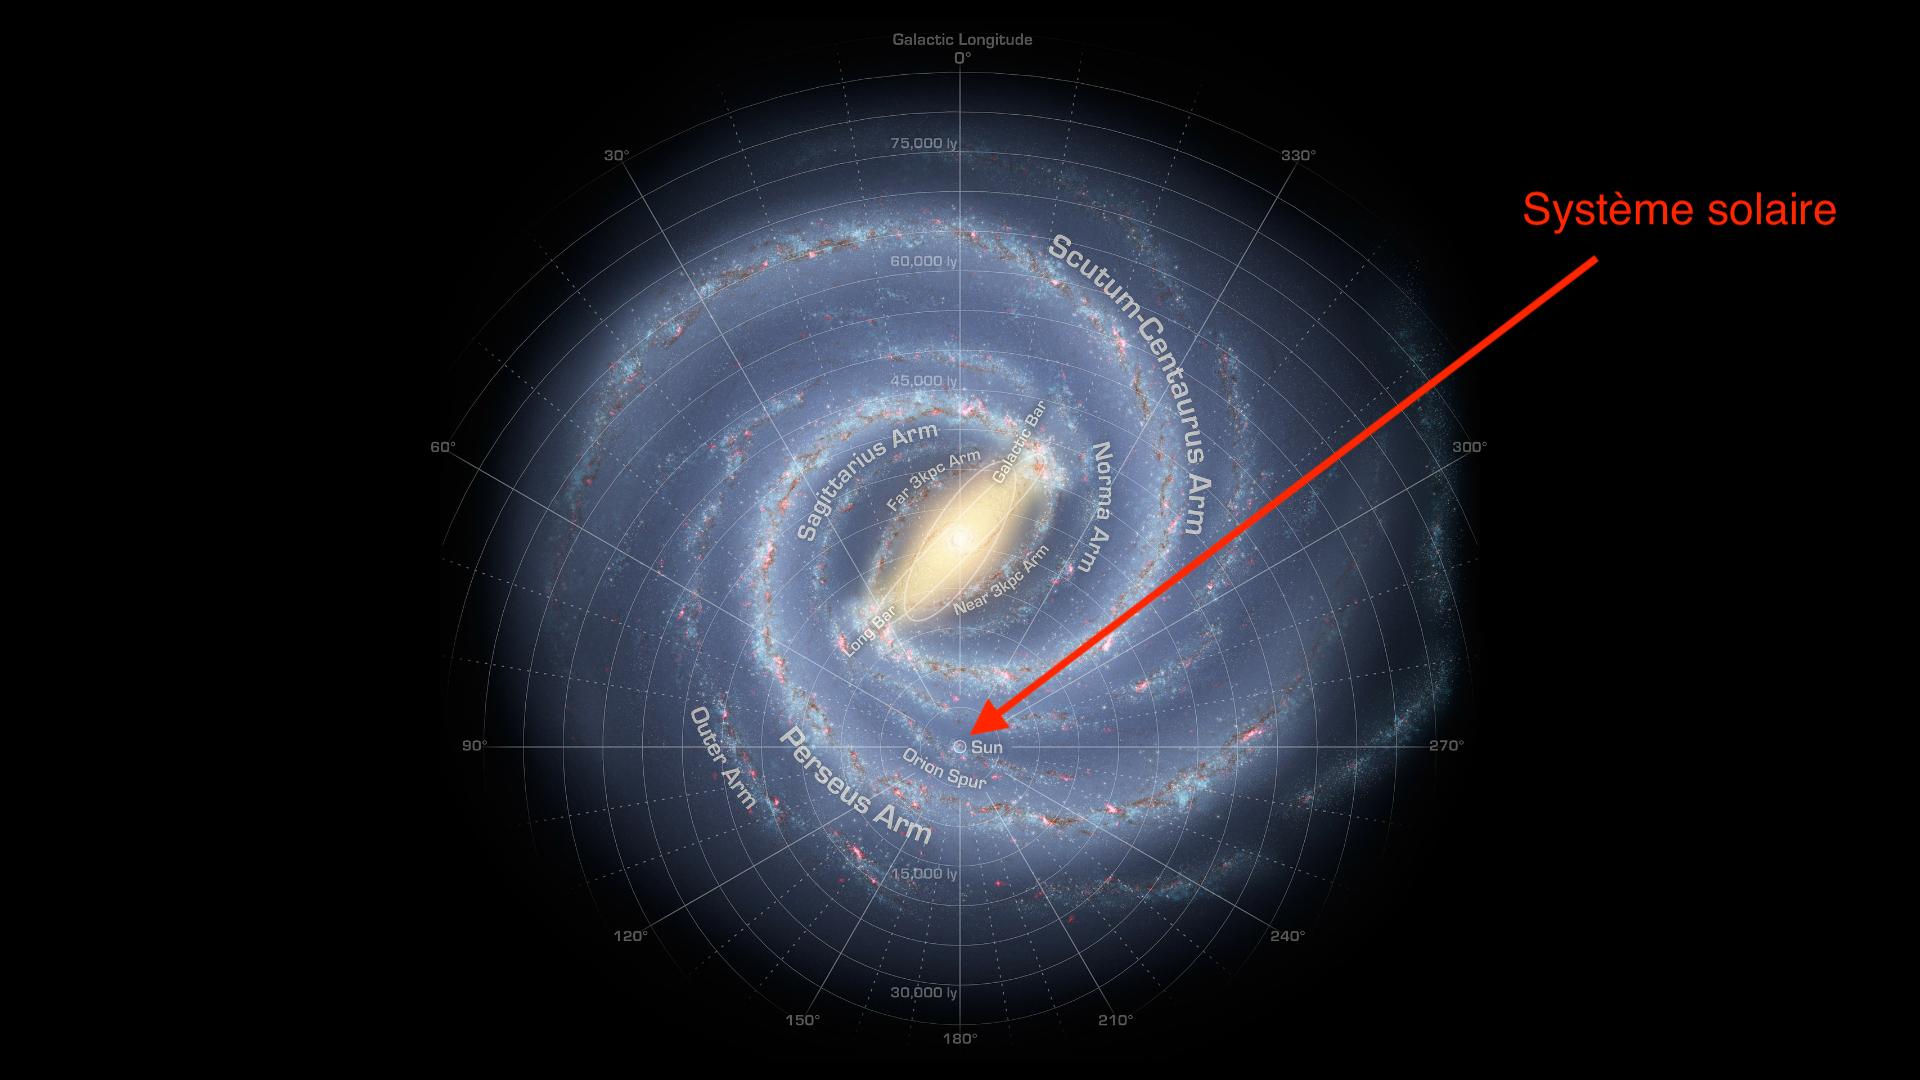 L'UNIVERS un spectacle magnifique - Page 2 Voie-lactee-position-soleil-espace